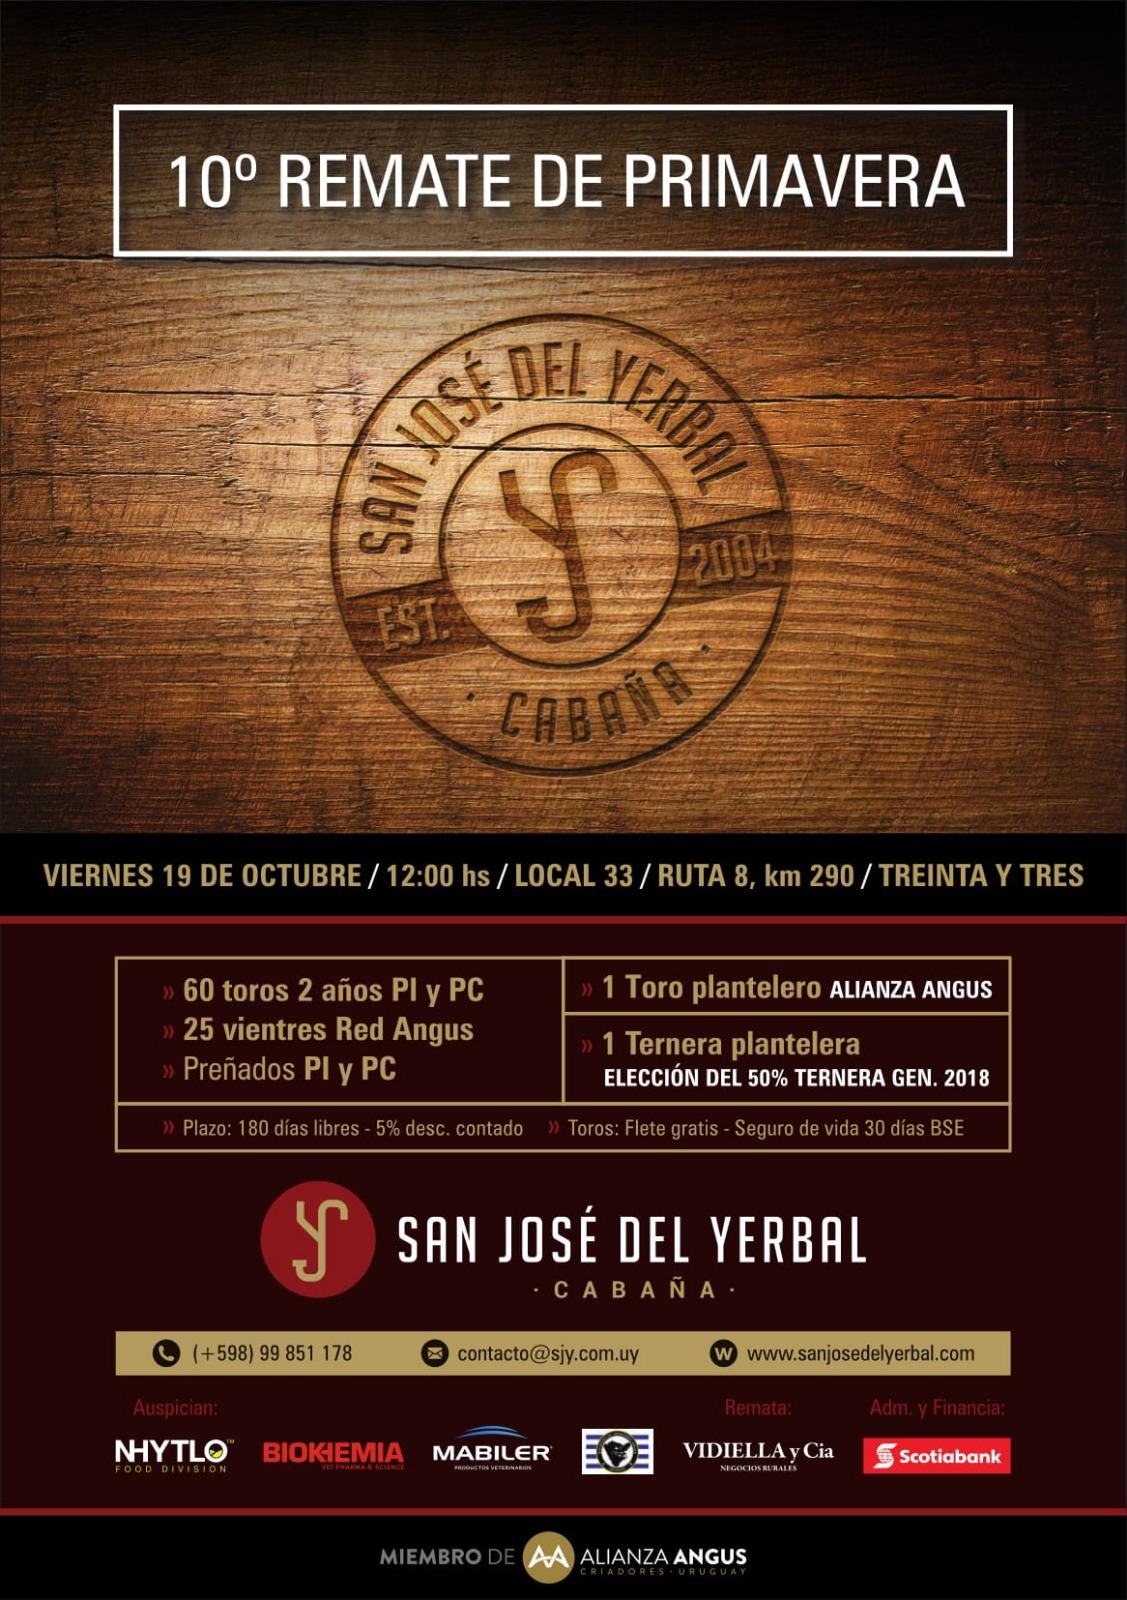 """10° Remate de Primavera – Cabaña """"San José del Yerbal"""" de José Armentano e Hijos SCA"""